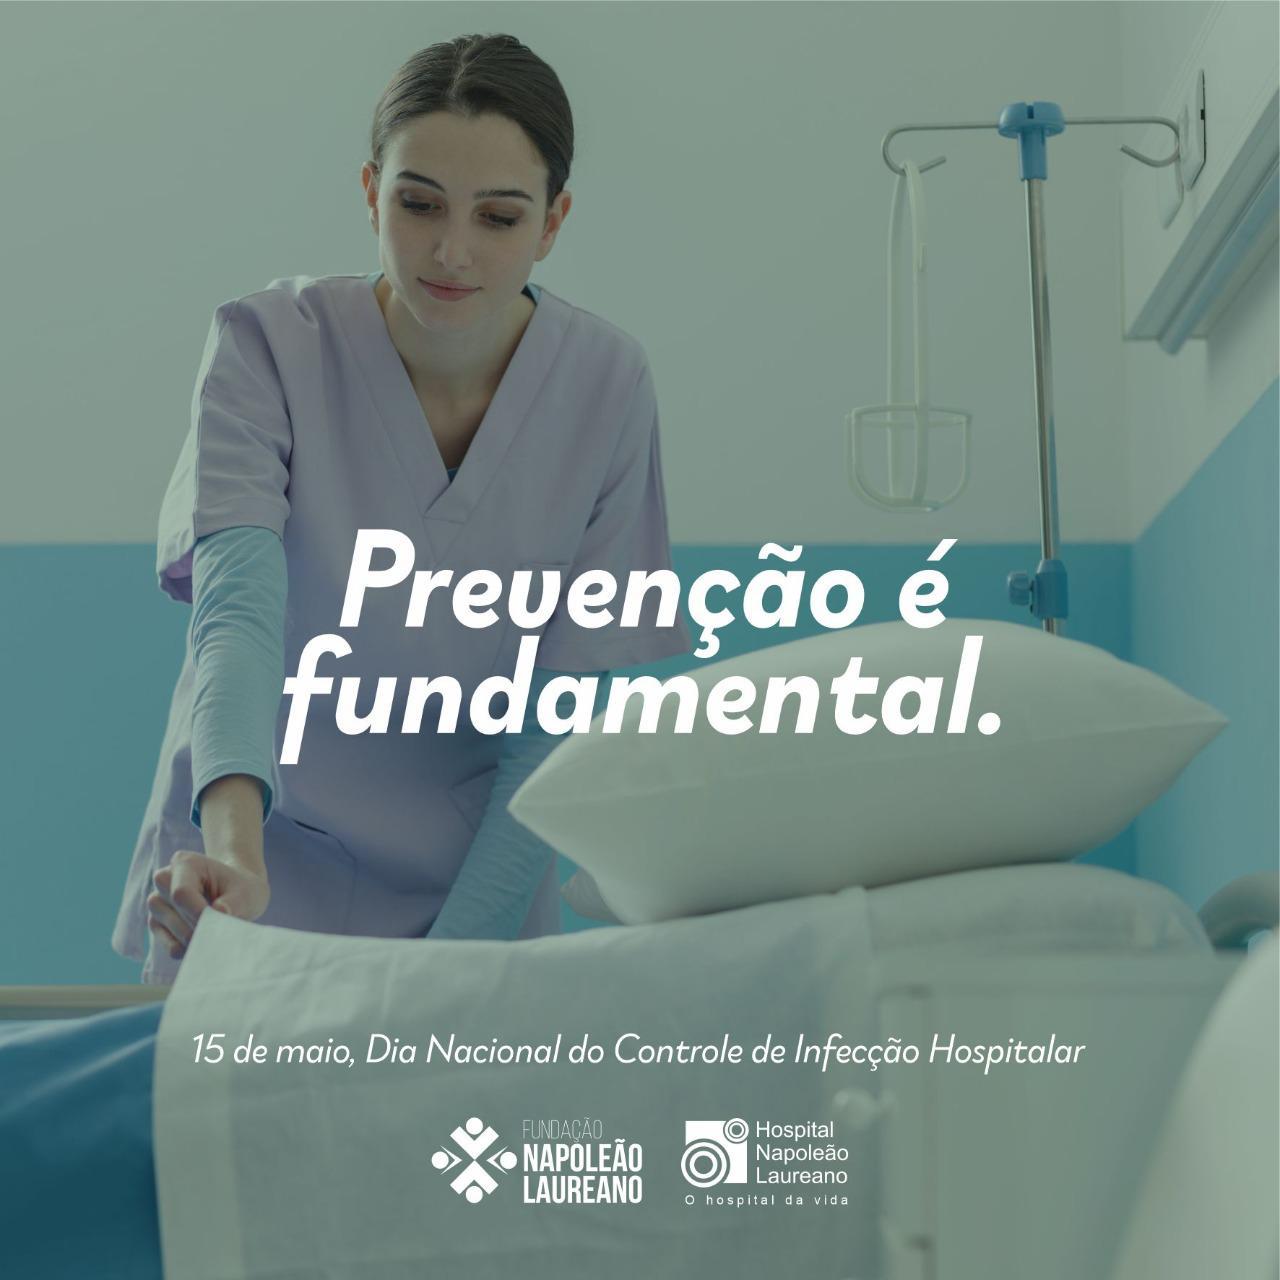 Hoje é o Dia Nacional do Controle das Infecções Hospitalares